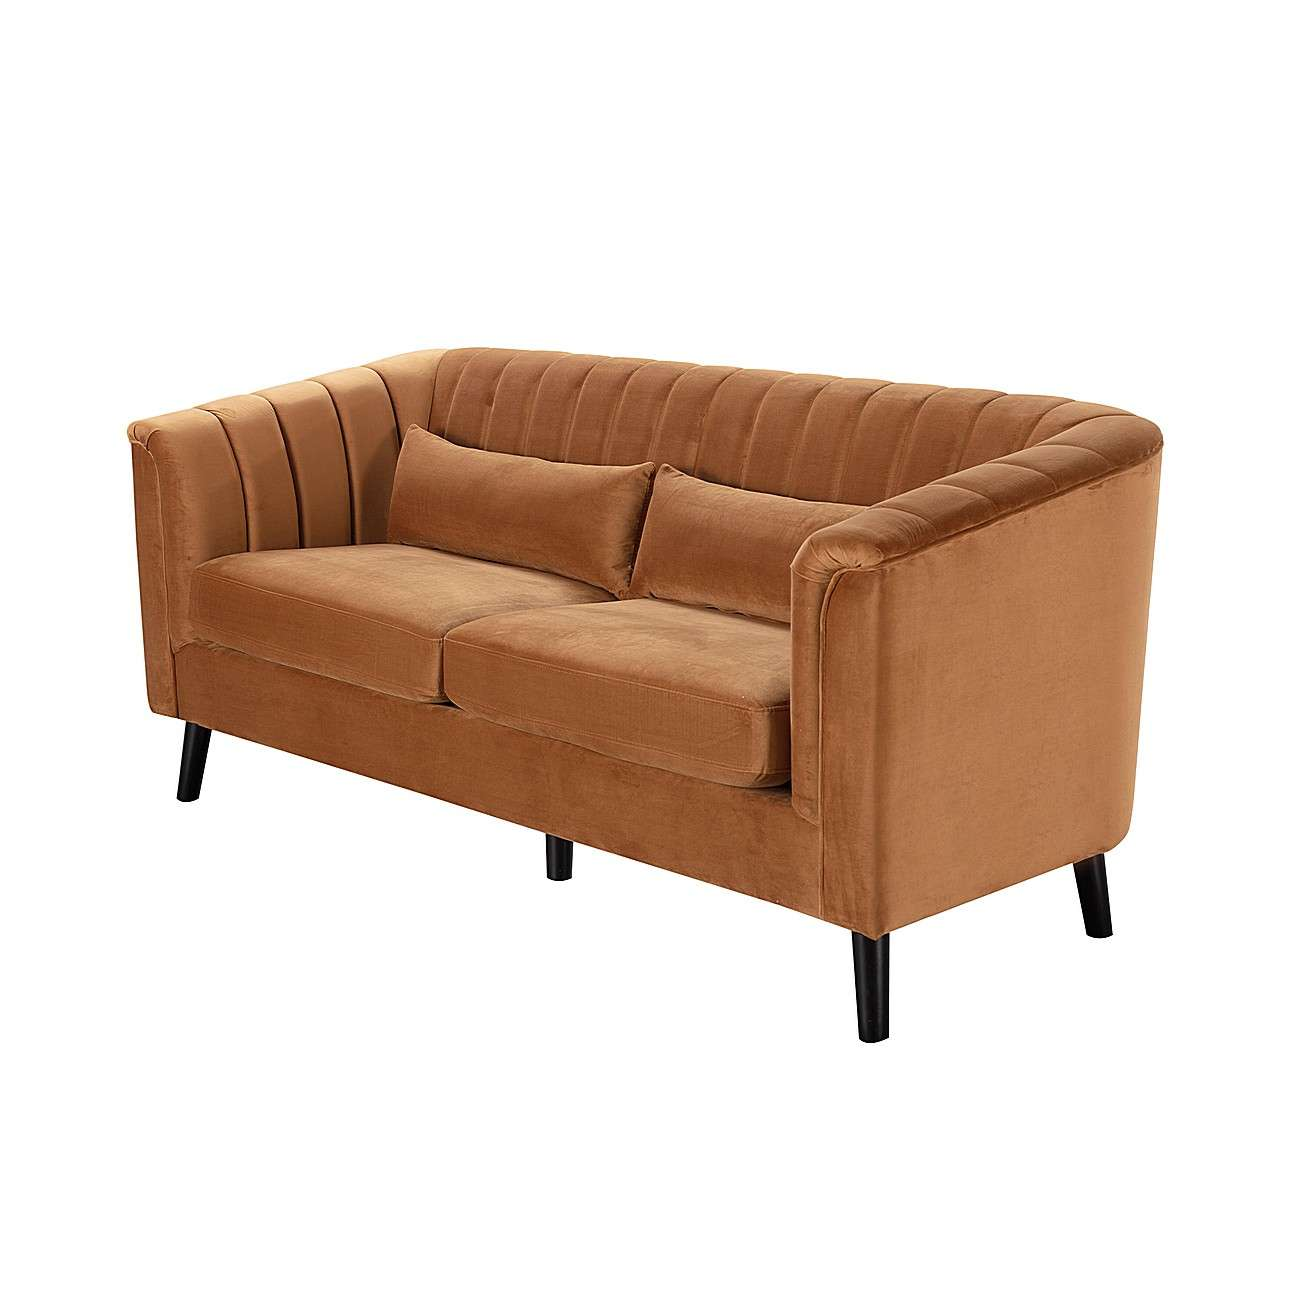 Sofa Meriva camel 3-Sitzer